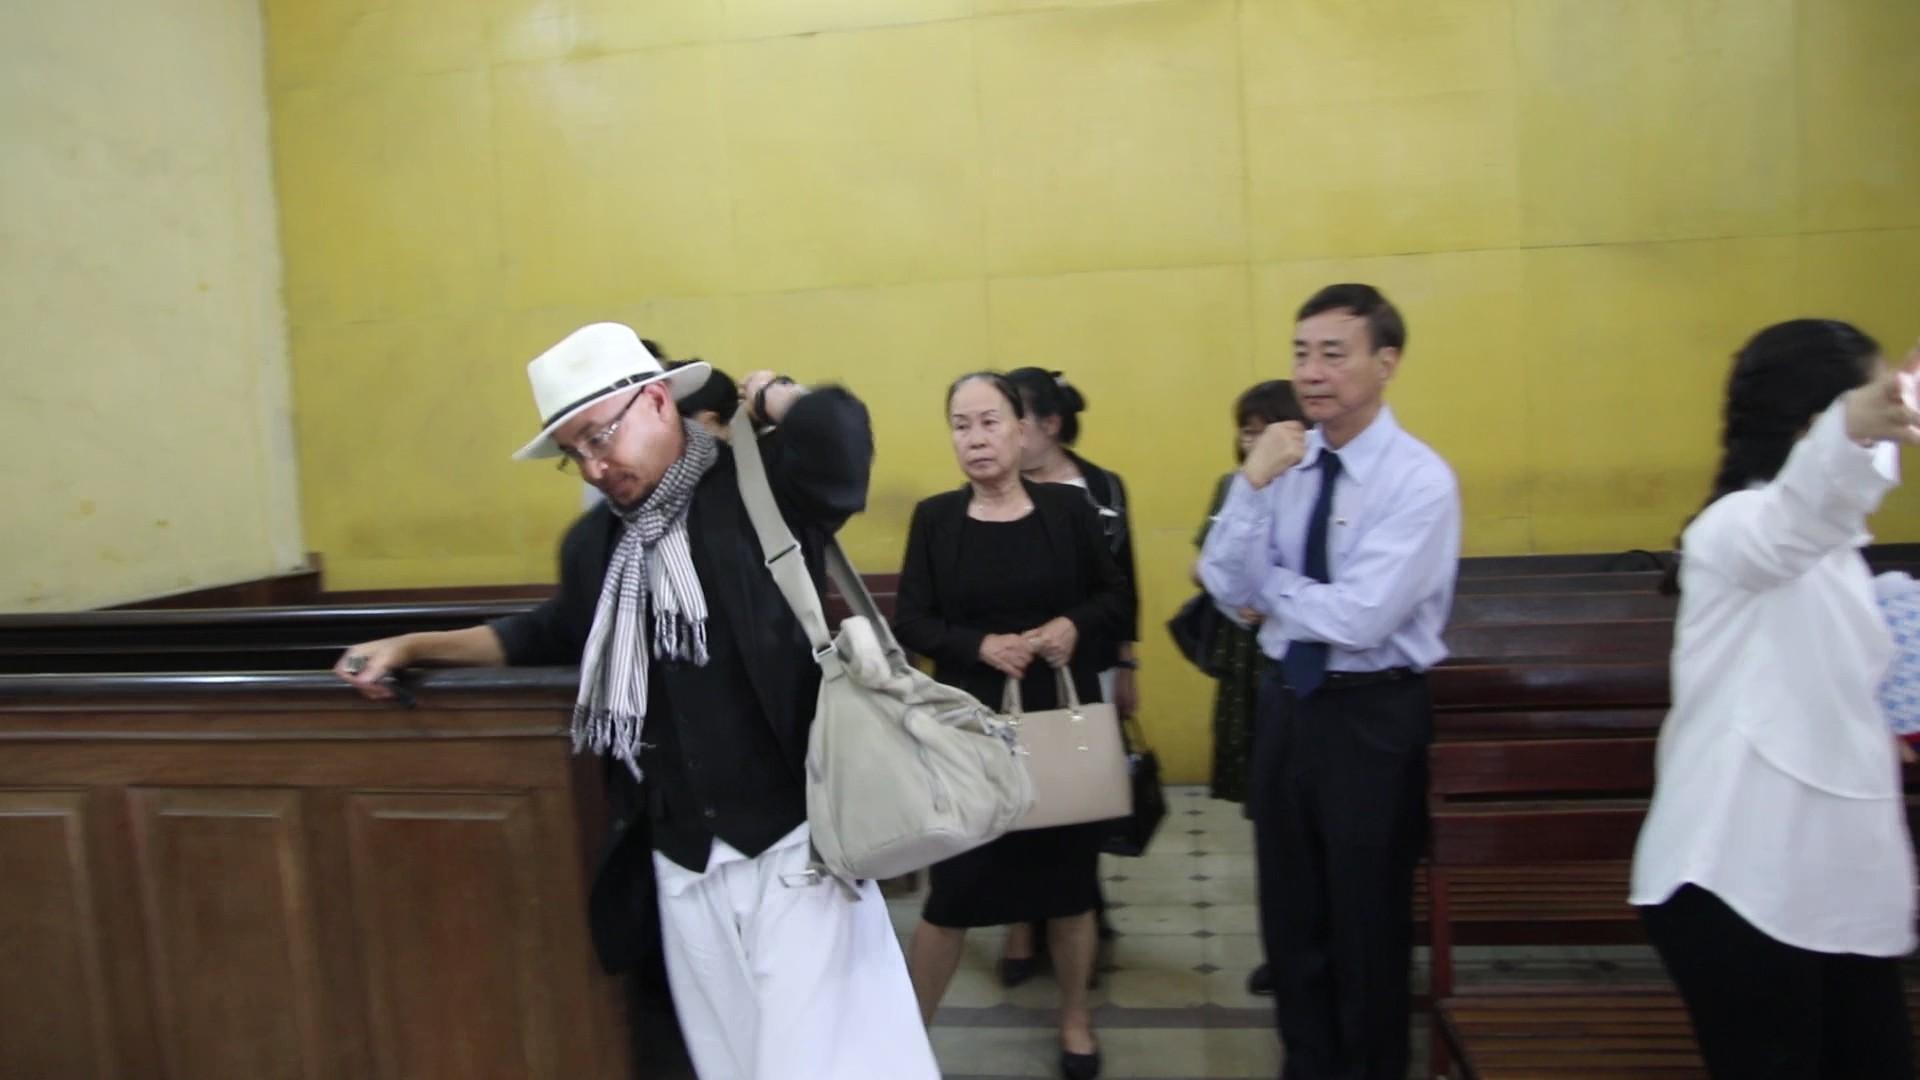 Điều kỳ lạ trong phiên ly hôn giữa ông Đặng Lê Nguyên Vũ và bà Lê Hoàng Diệp Thảo